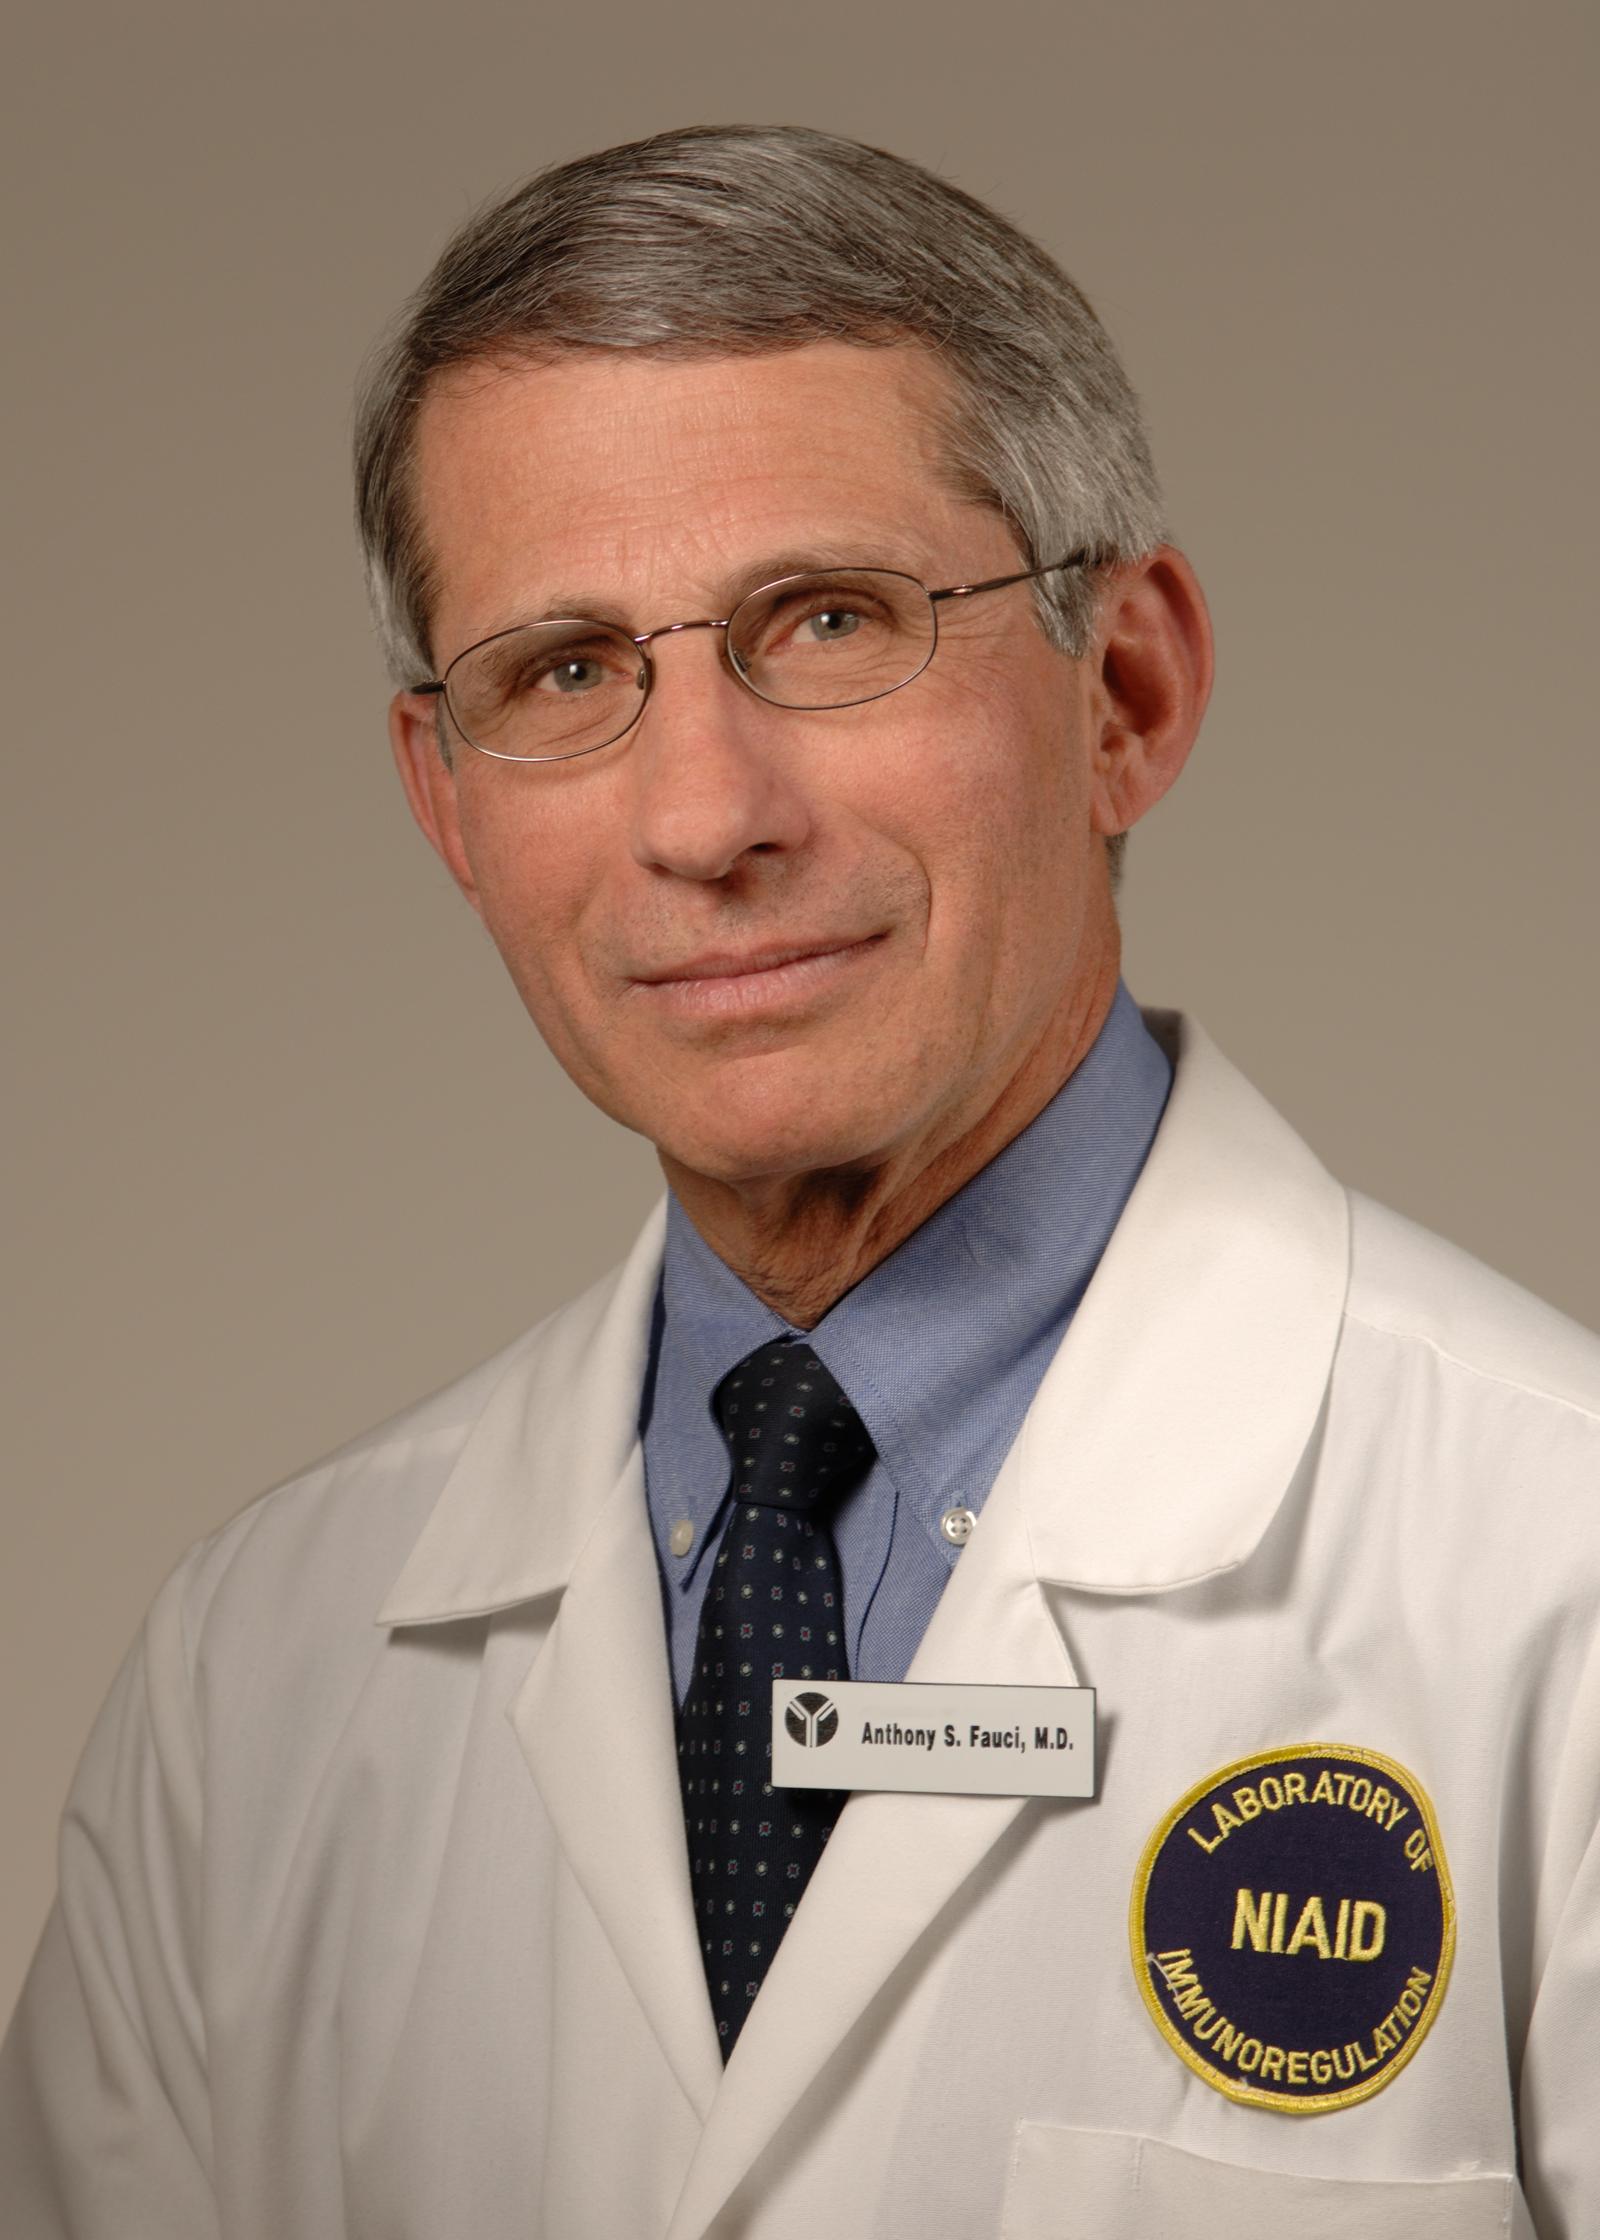 Anthony Fauci - Wikipedia